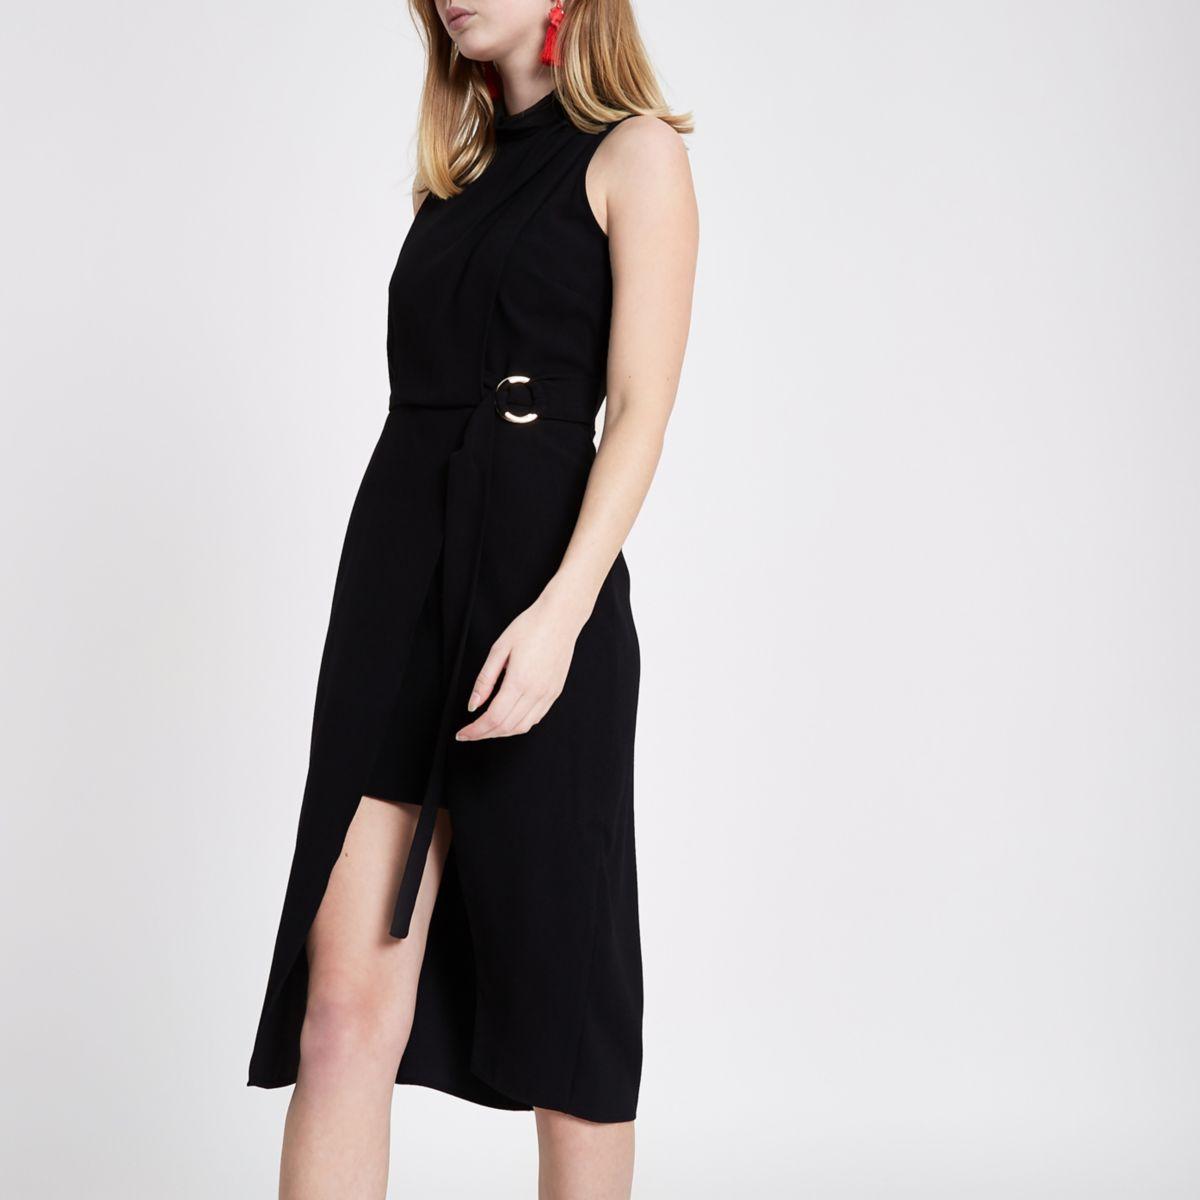 Zwarte hoogsluitende mouwloze midi-jurk